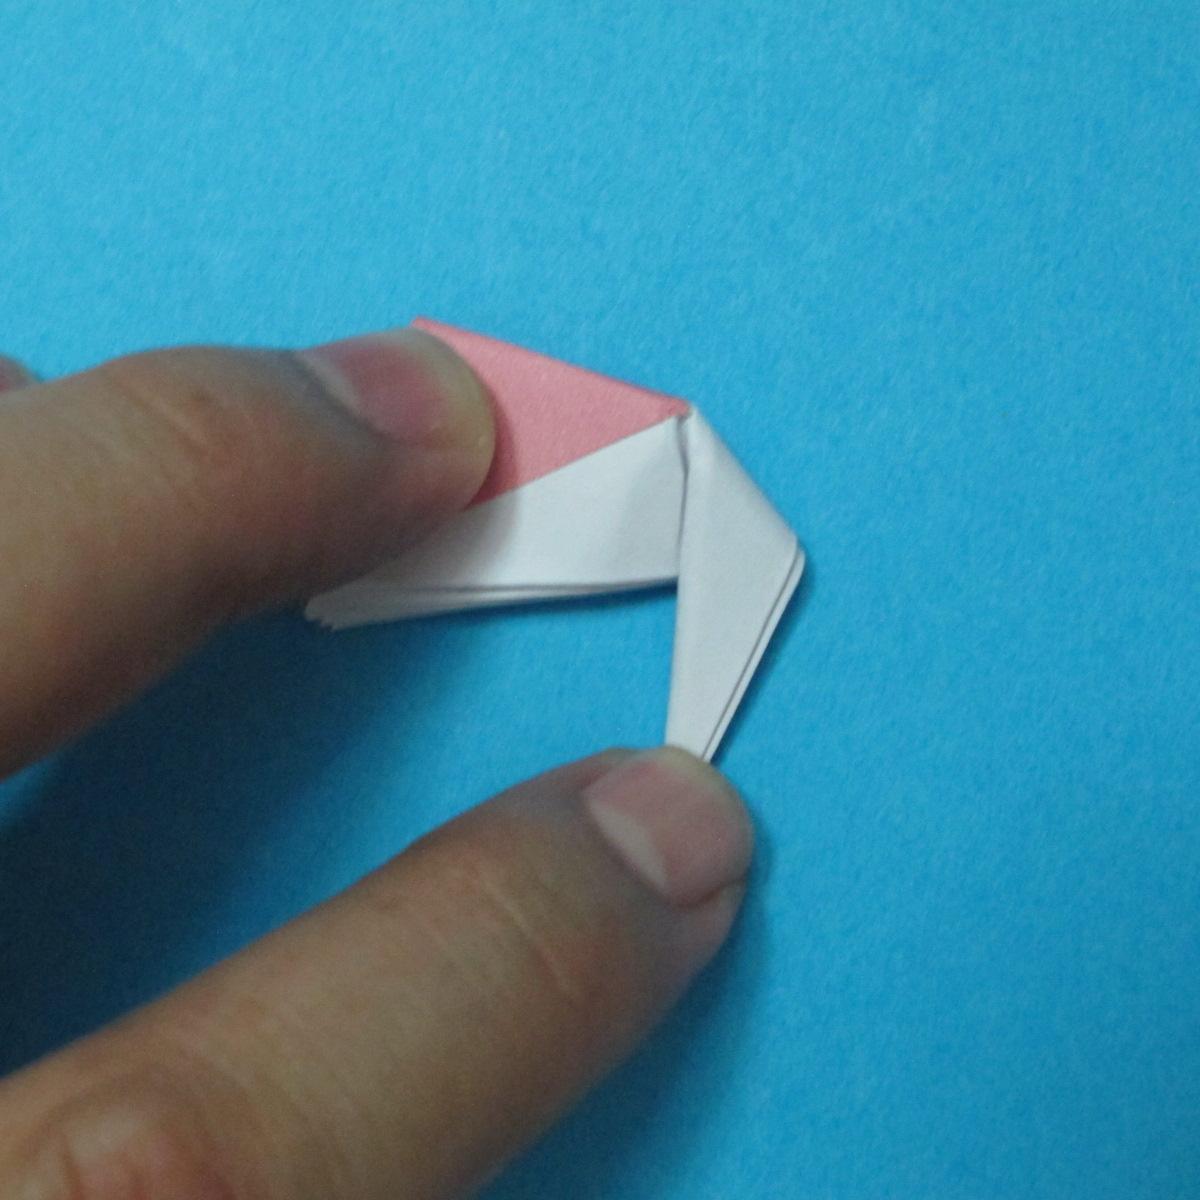 วิธีการพับกระดาษเป็นดอกไม้แปดกลีบ 015